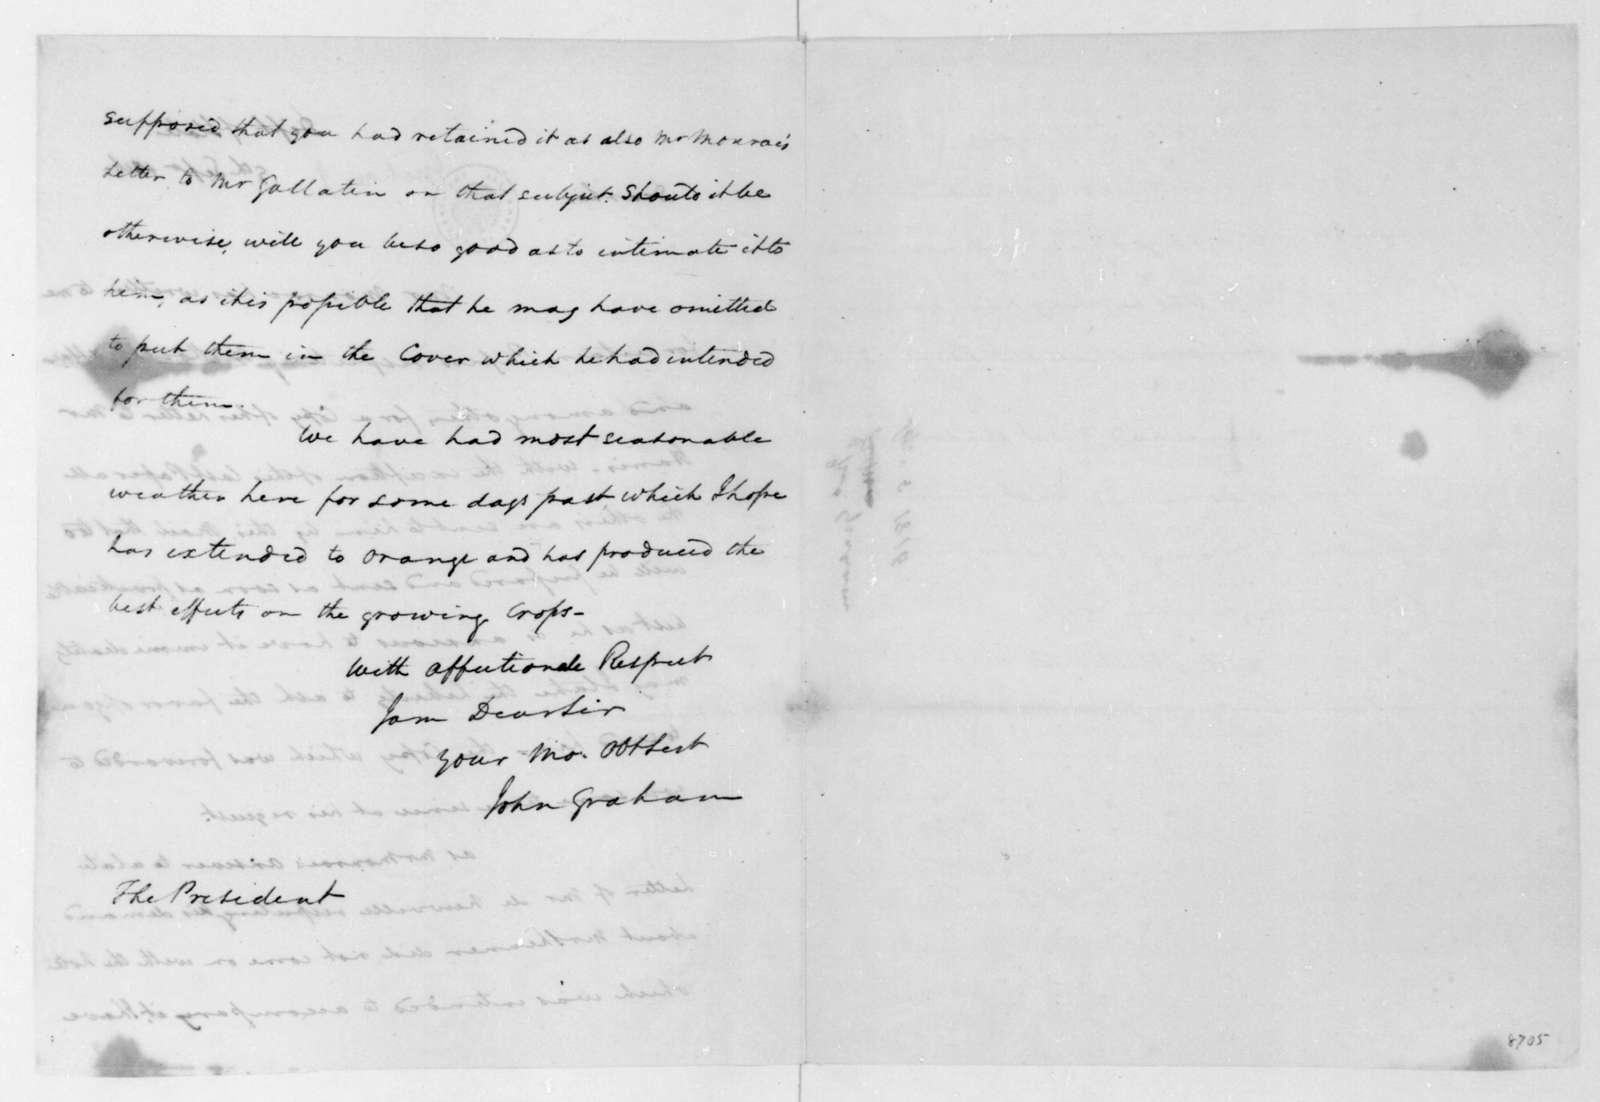 John Graham to James Madison, September 9, 1816.